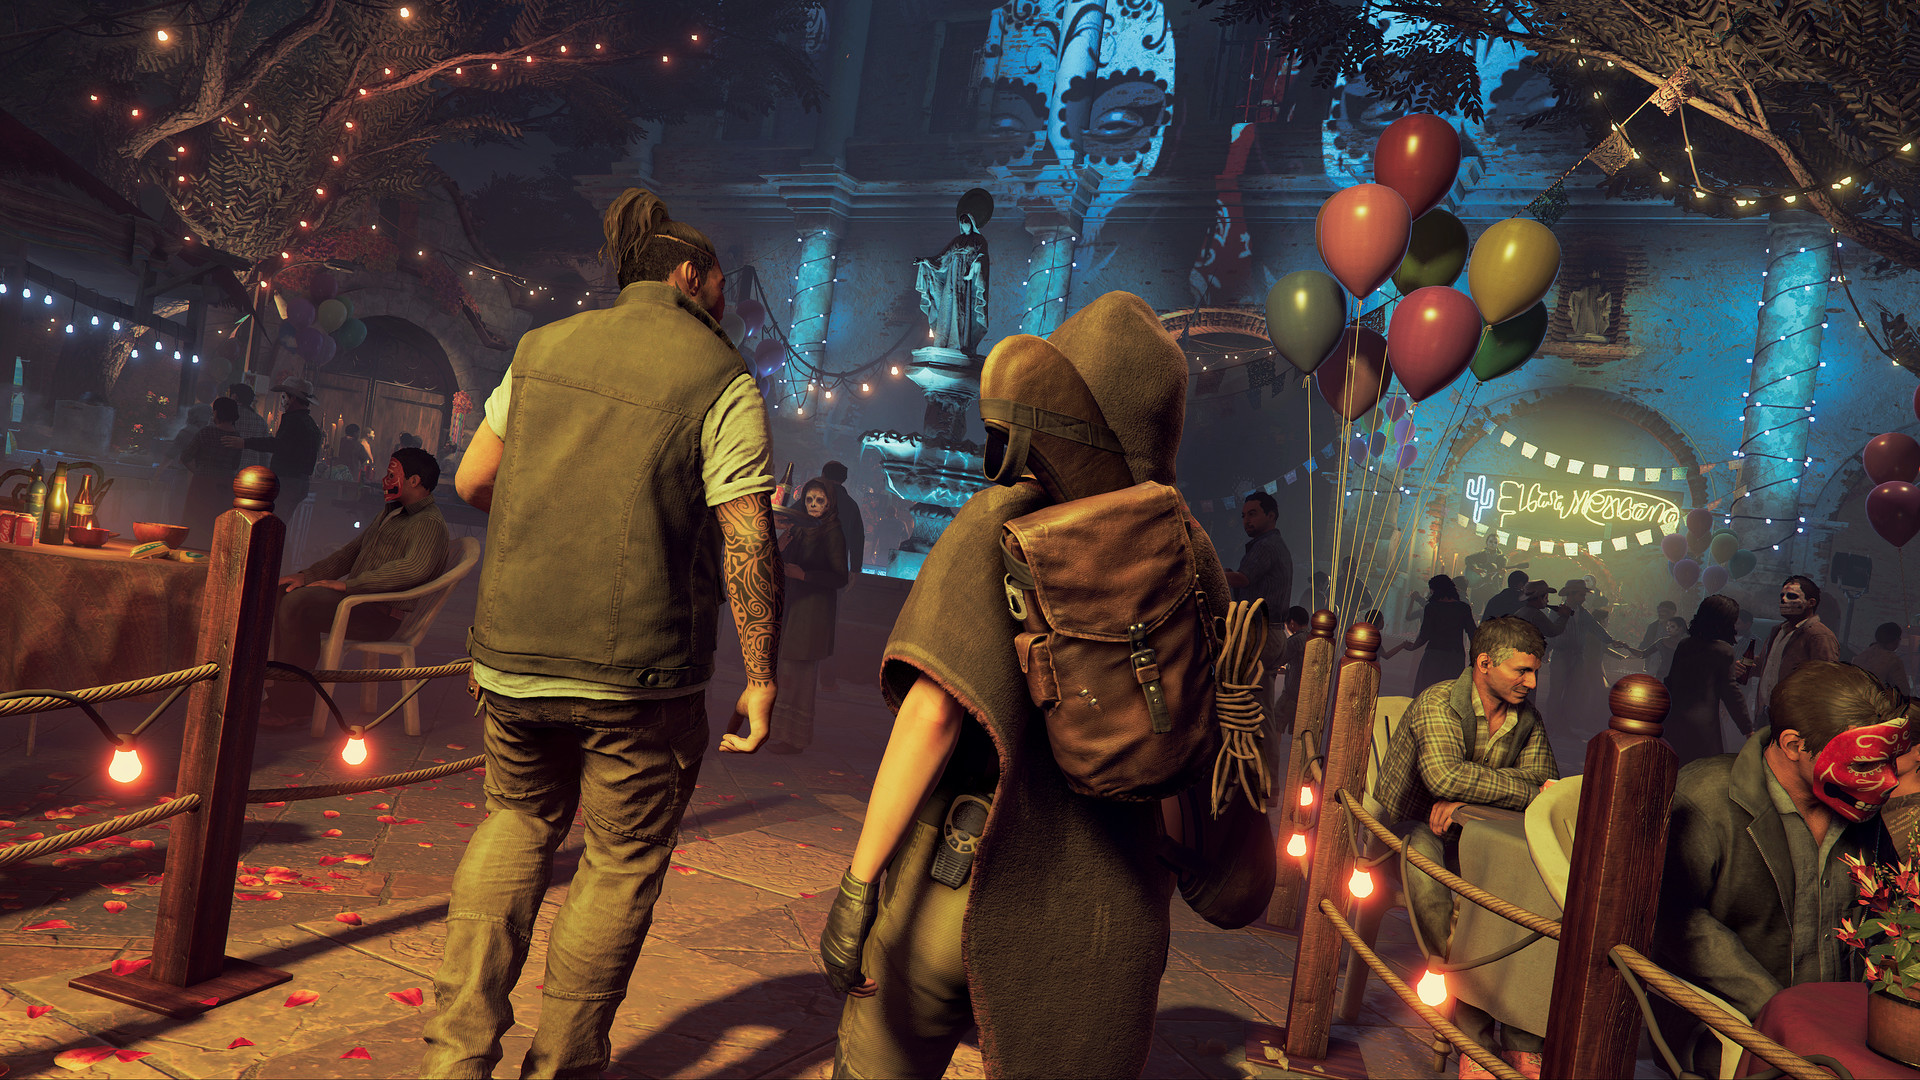 В новом трейлере Shadow of the Tomb Raider показали прошлое Лары